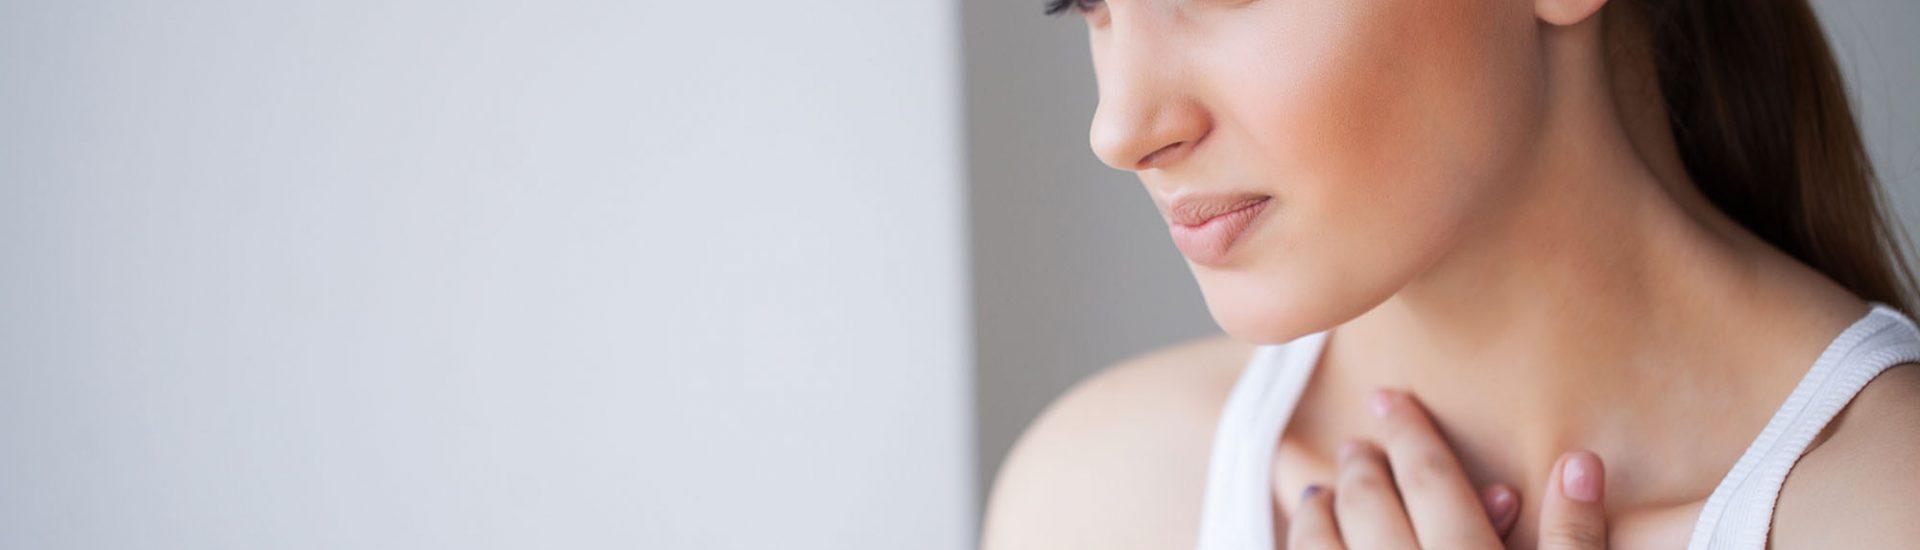 Schmerzen im Brustkorb: Symptome, Ursachen, Untersuchungen beim Arzt